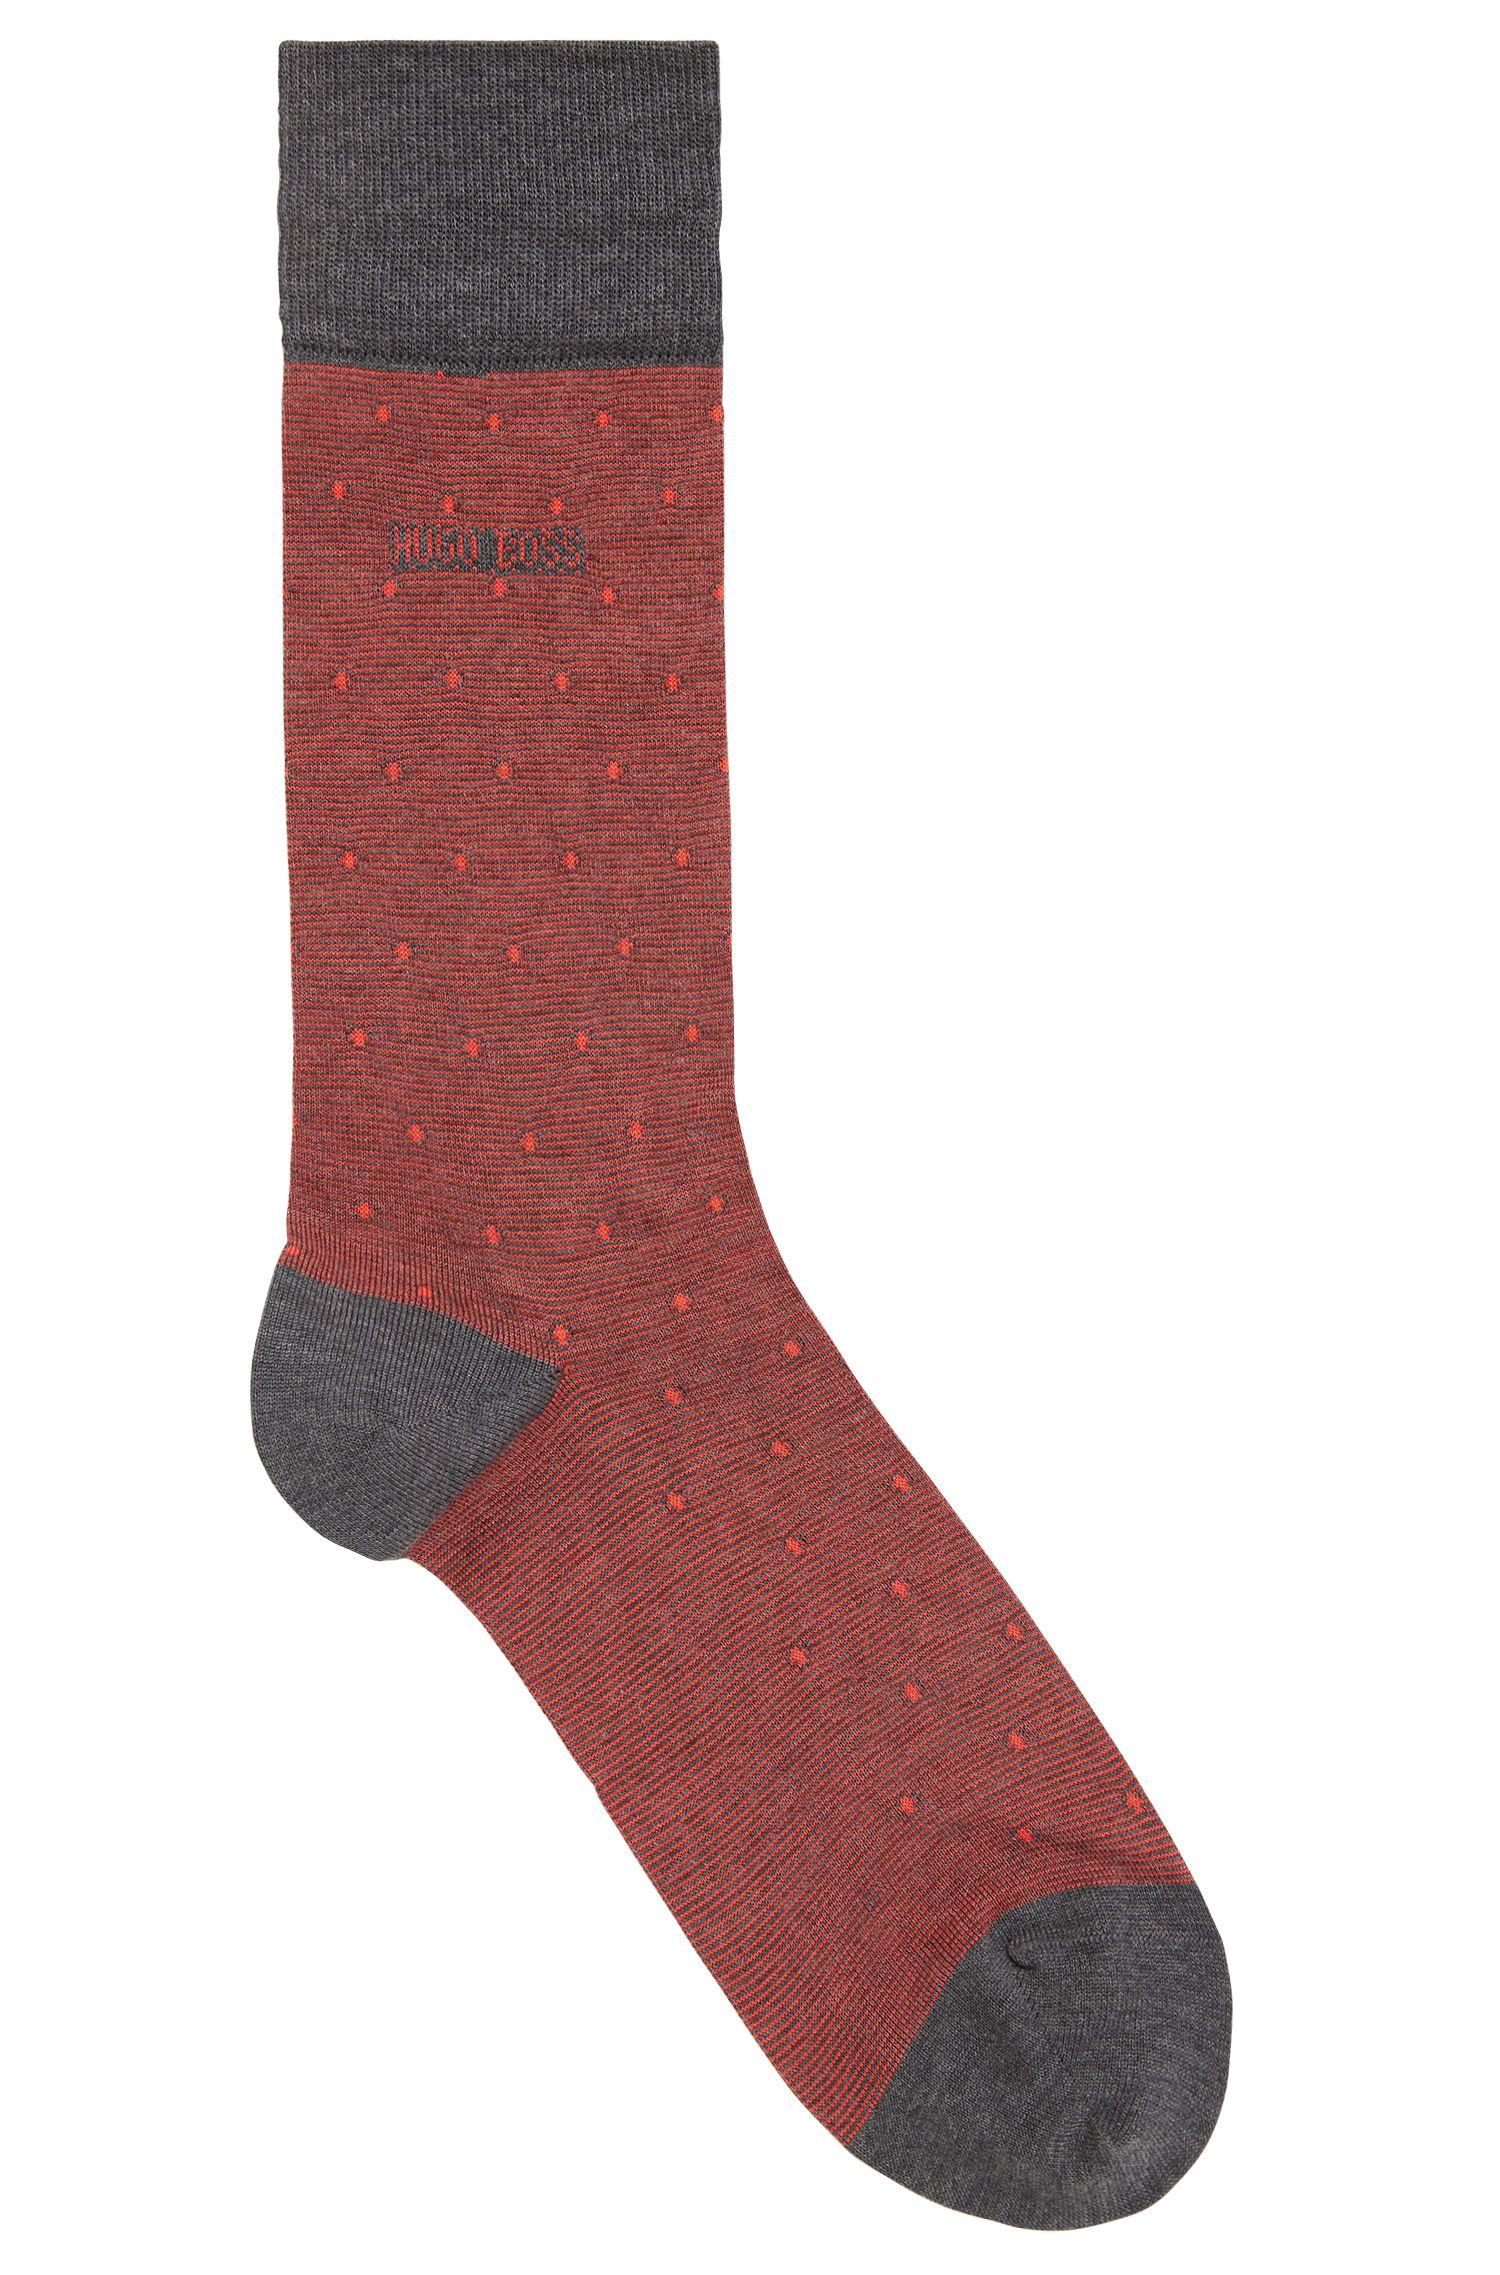 Regular-length socks in a cotton blend